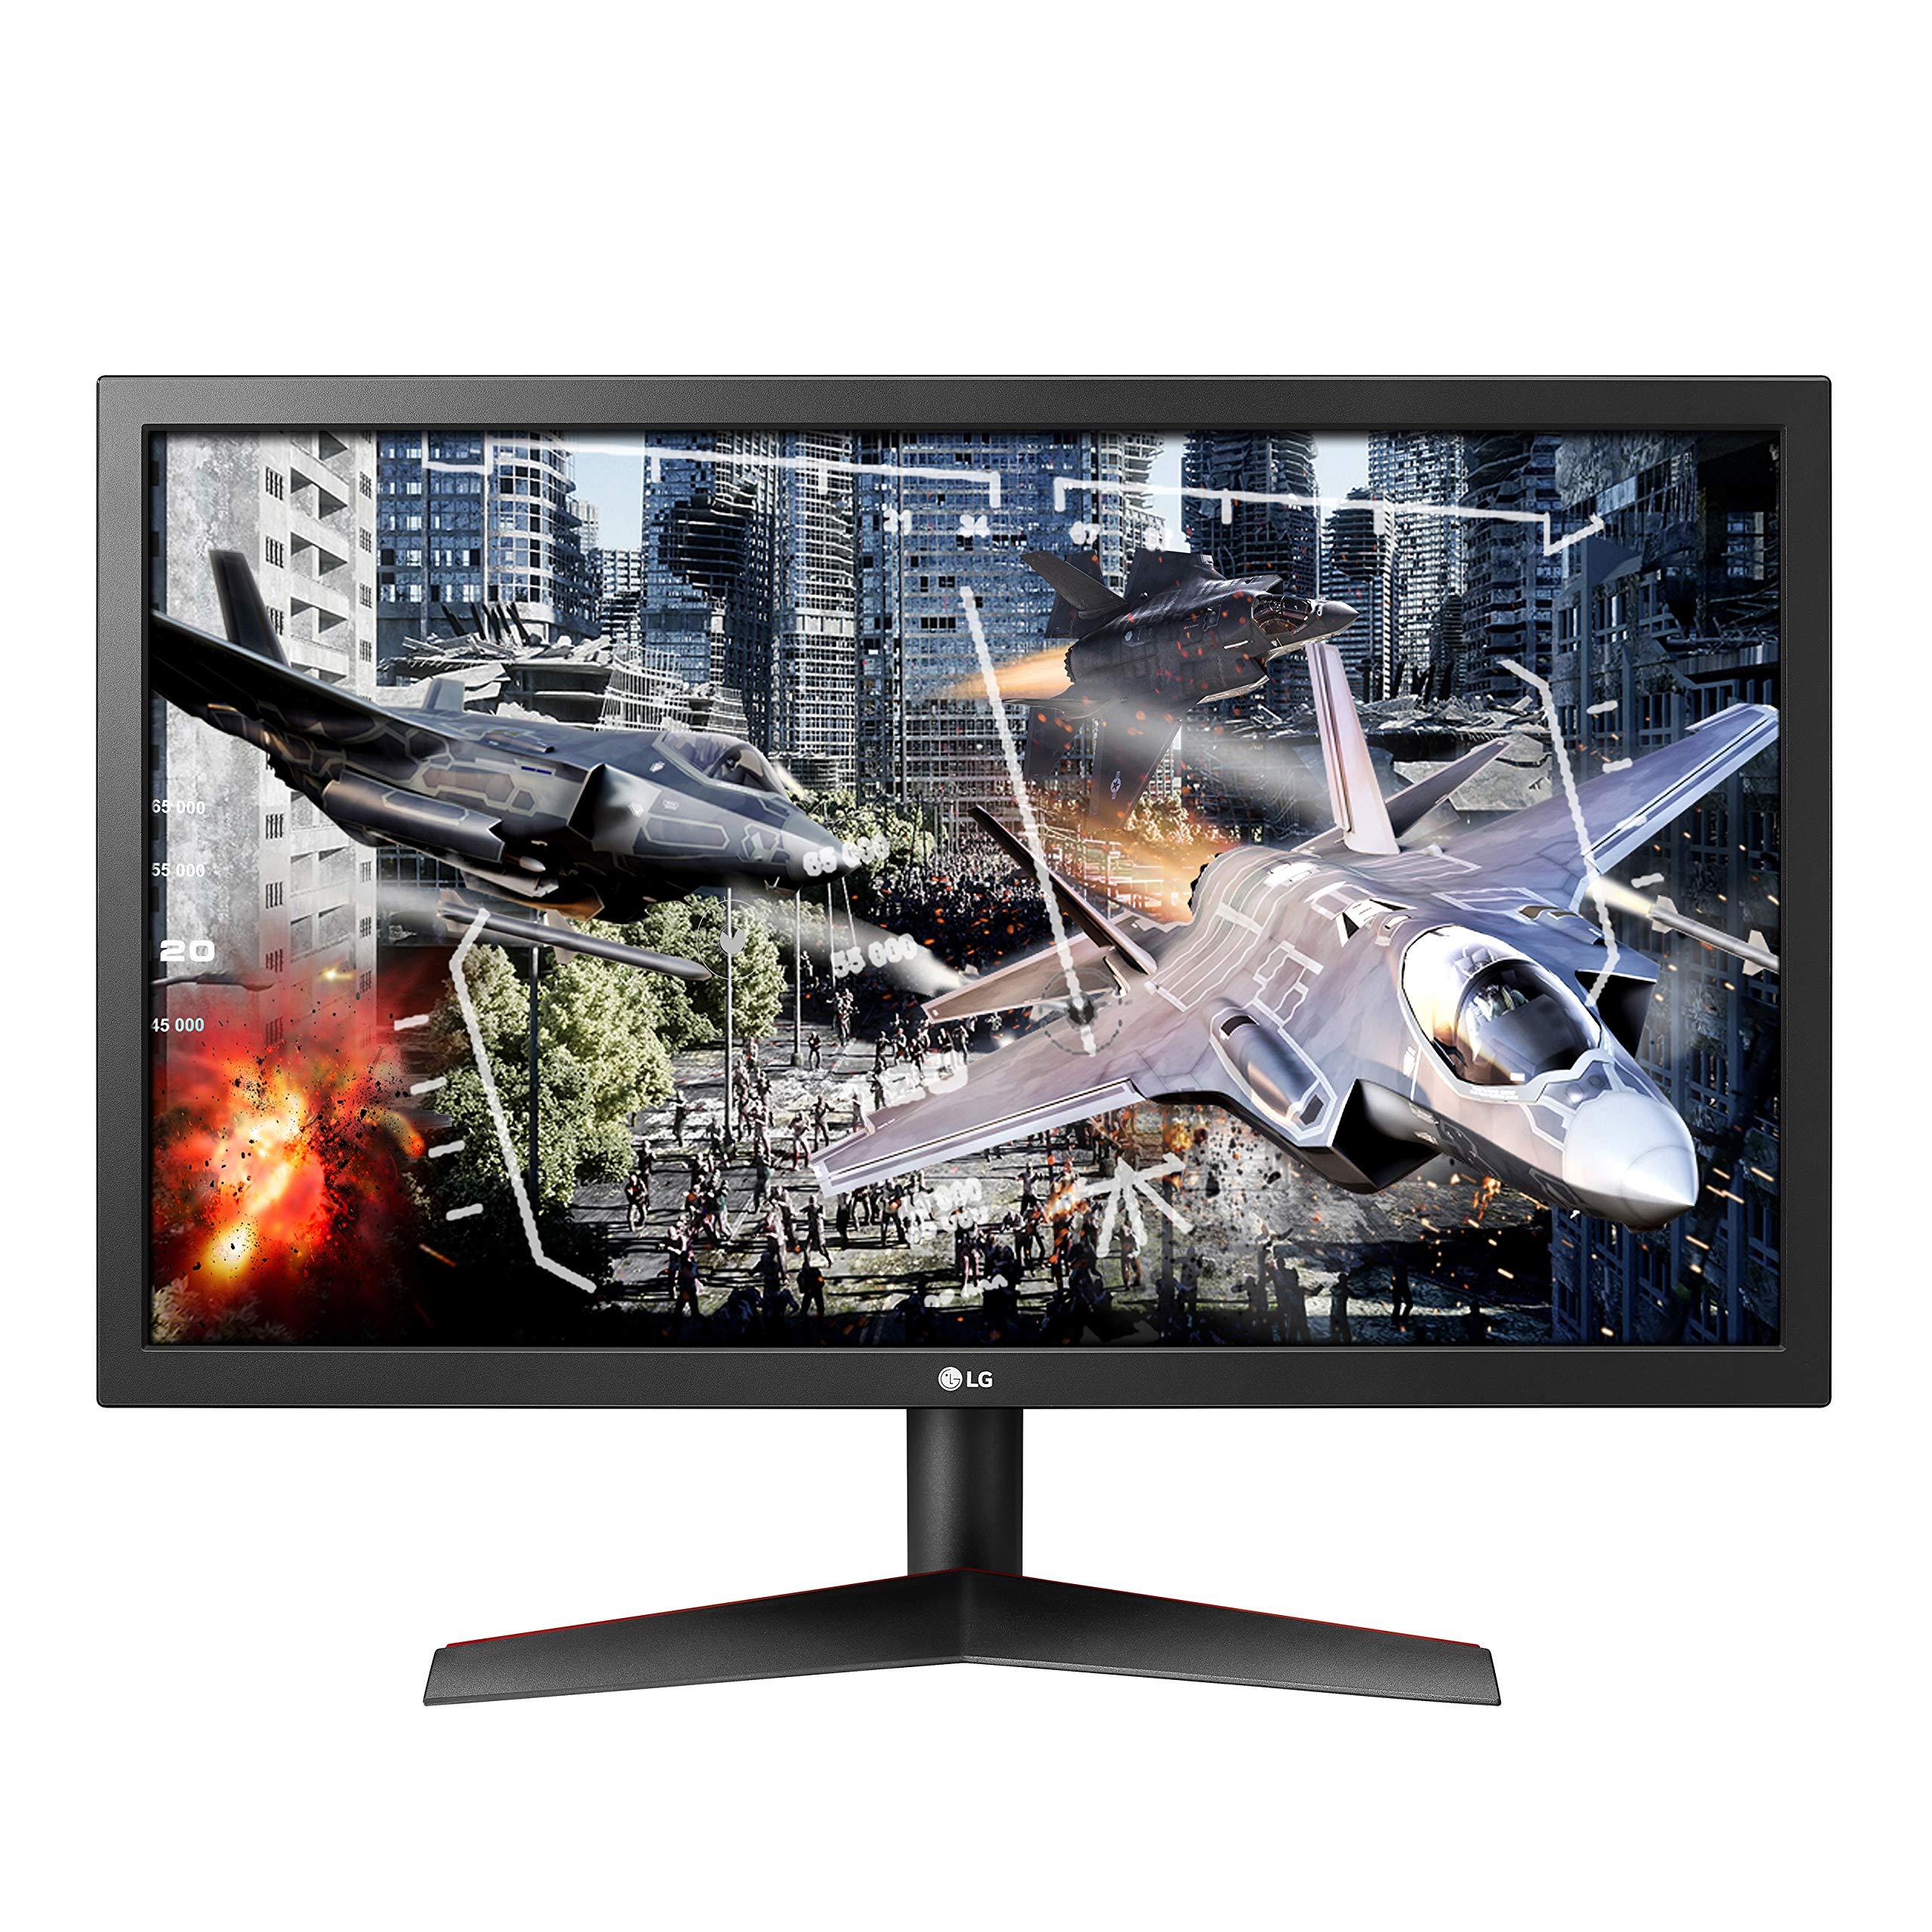 Monitor para juegos LG UltraGear 24GL600F-B de 24 pulgadas Full HD con tecnología Radeon FreeSync, frecuencia de actualización de 144 Hz, tiempo de respuesta de 1 ms (2019) - Negro